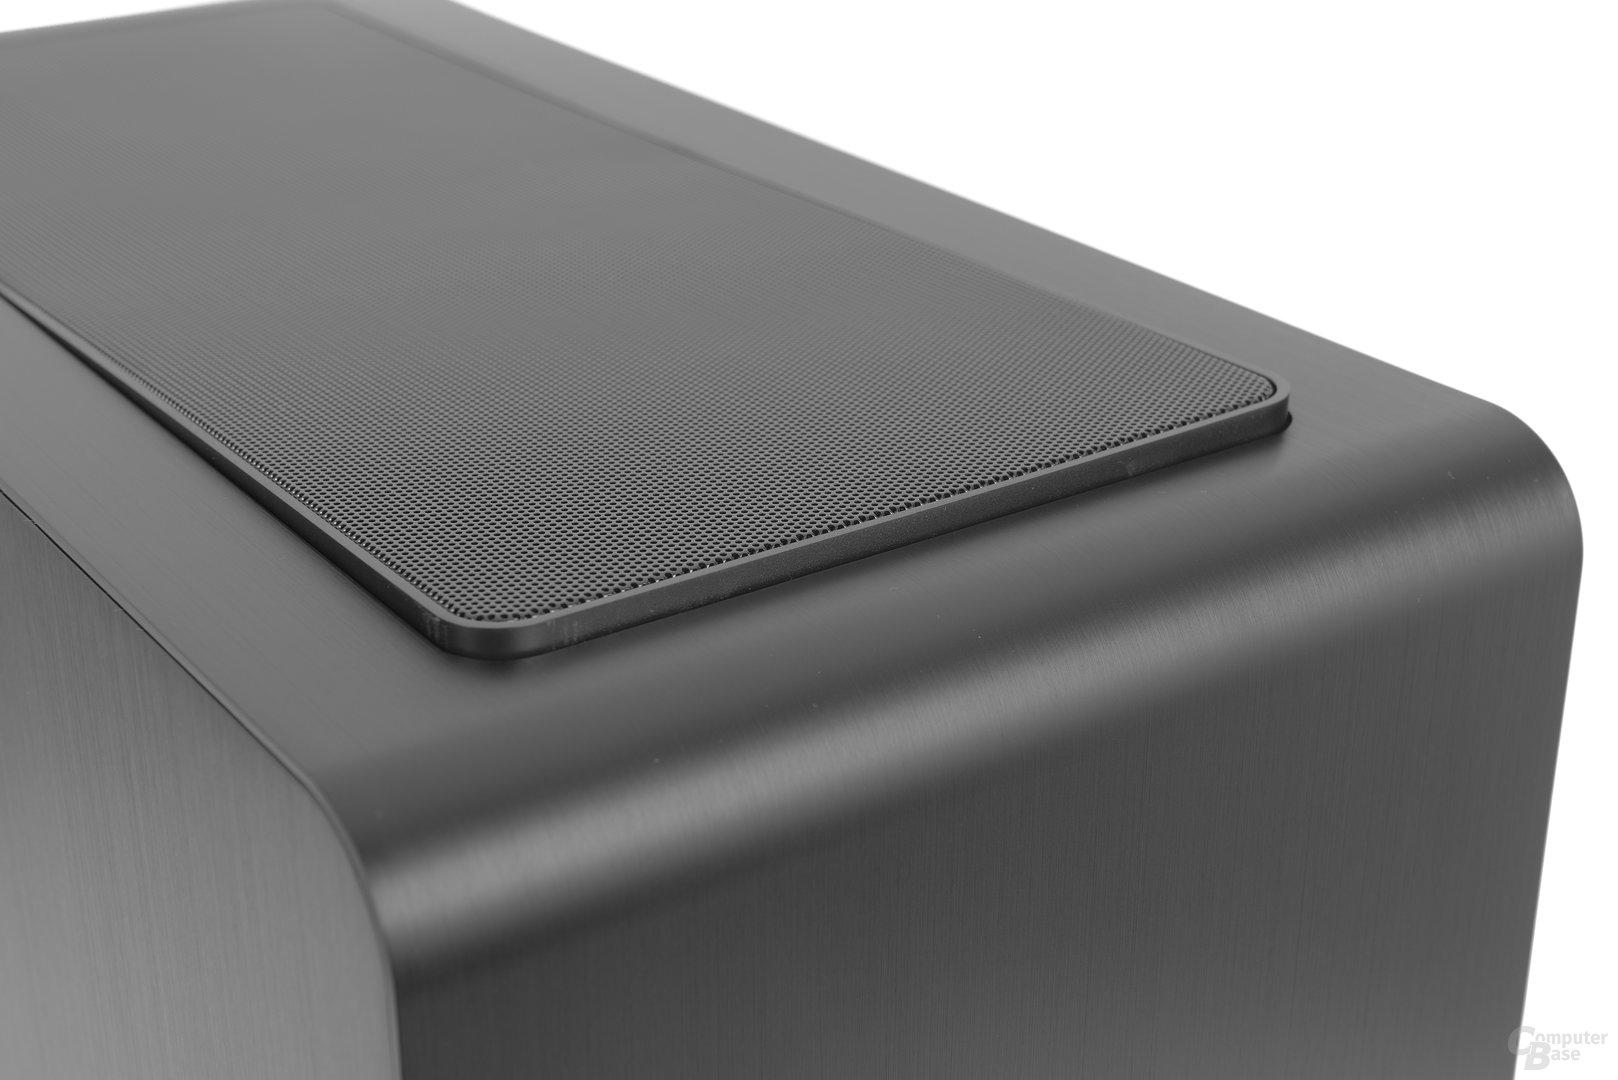 Jonsbo UMX4 – Staubfilter ist mit Druckverschluss befestigt